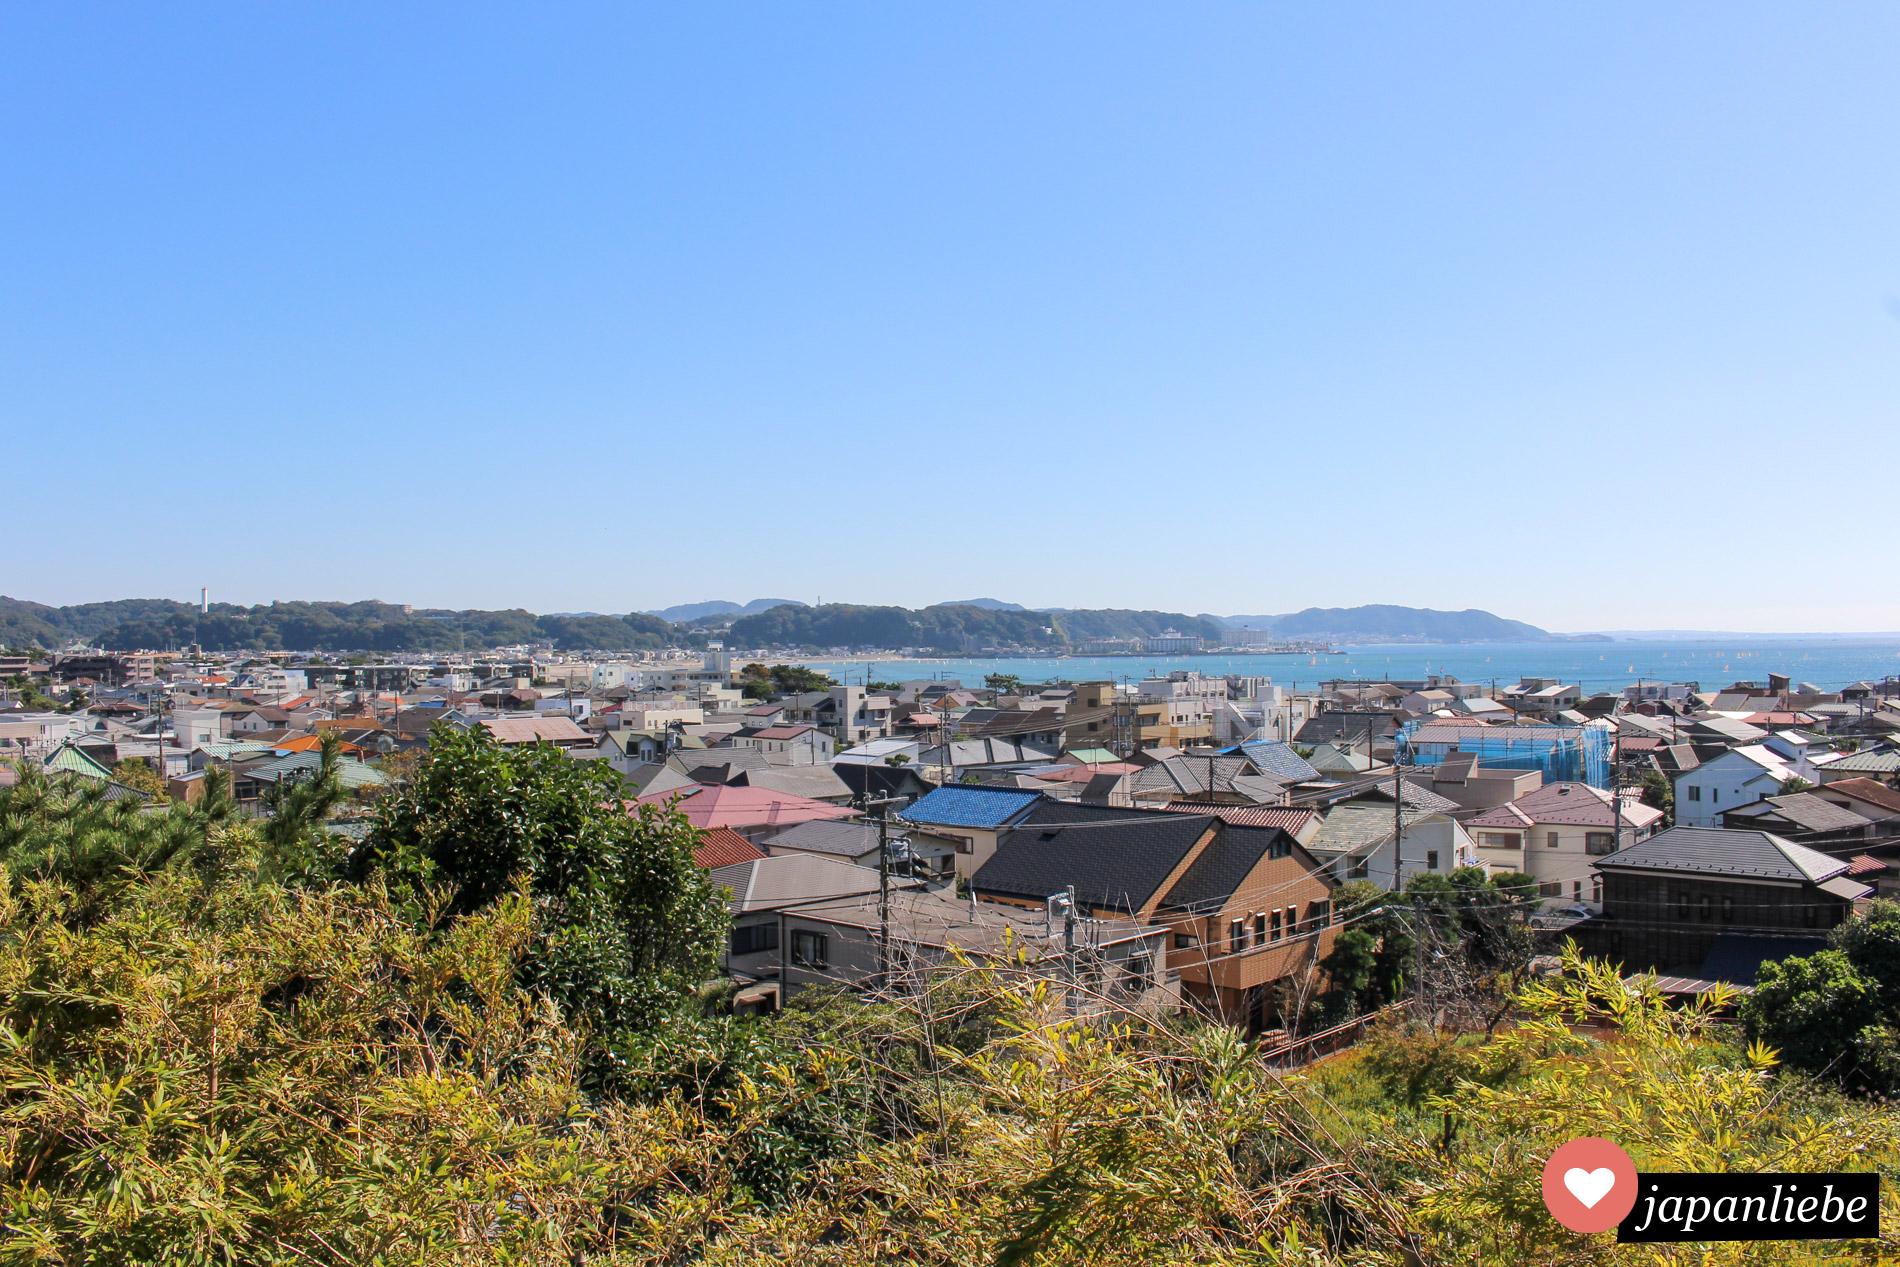 Nicht nur der Hase-dera Tempel selbst ist ein Highlight, auch die Aussicht von dort aus über Kamakura.